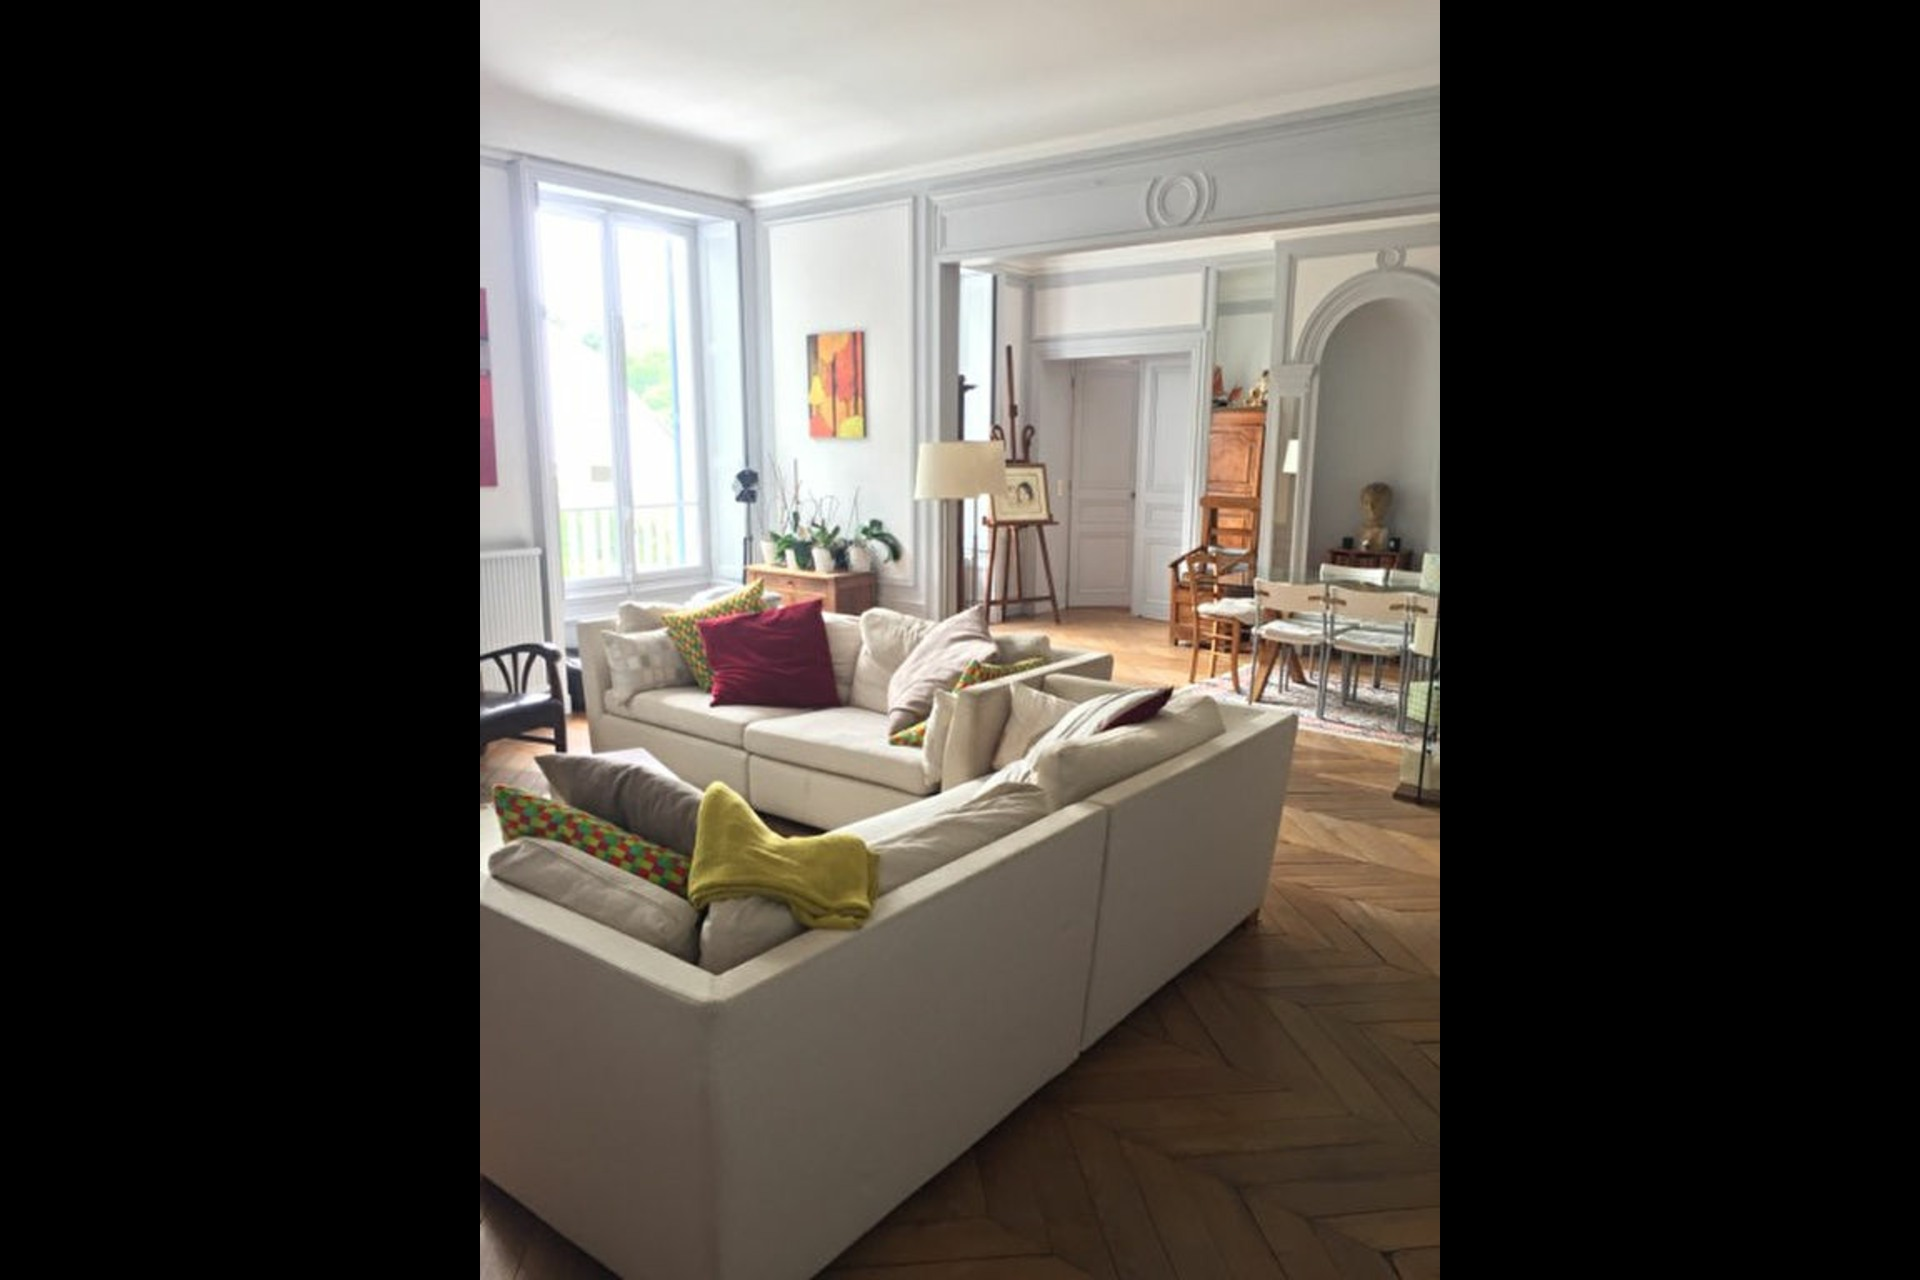 image 1 - Appartement À louer saint germain en laye - 6 pièces